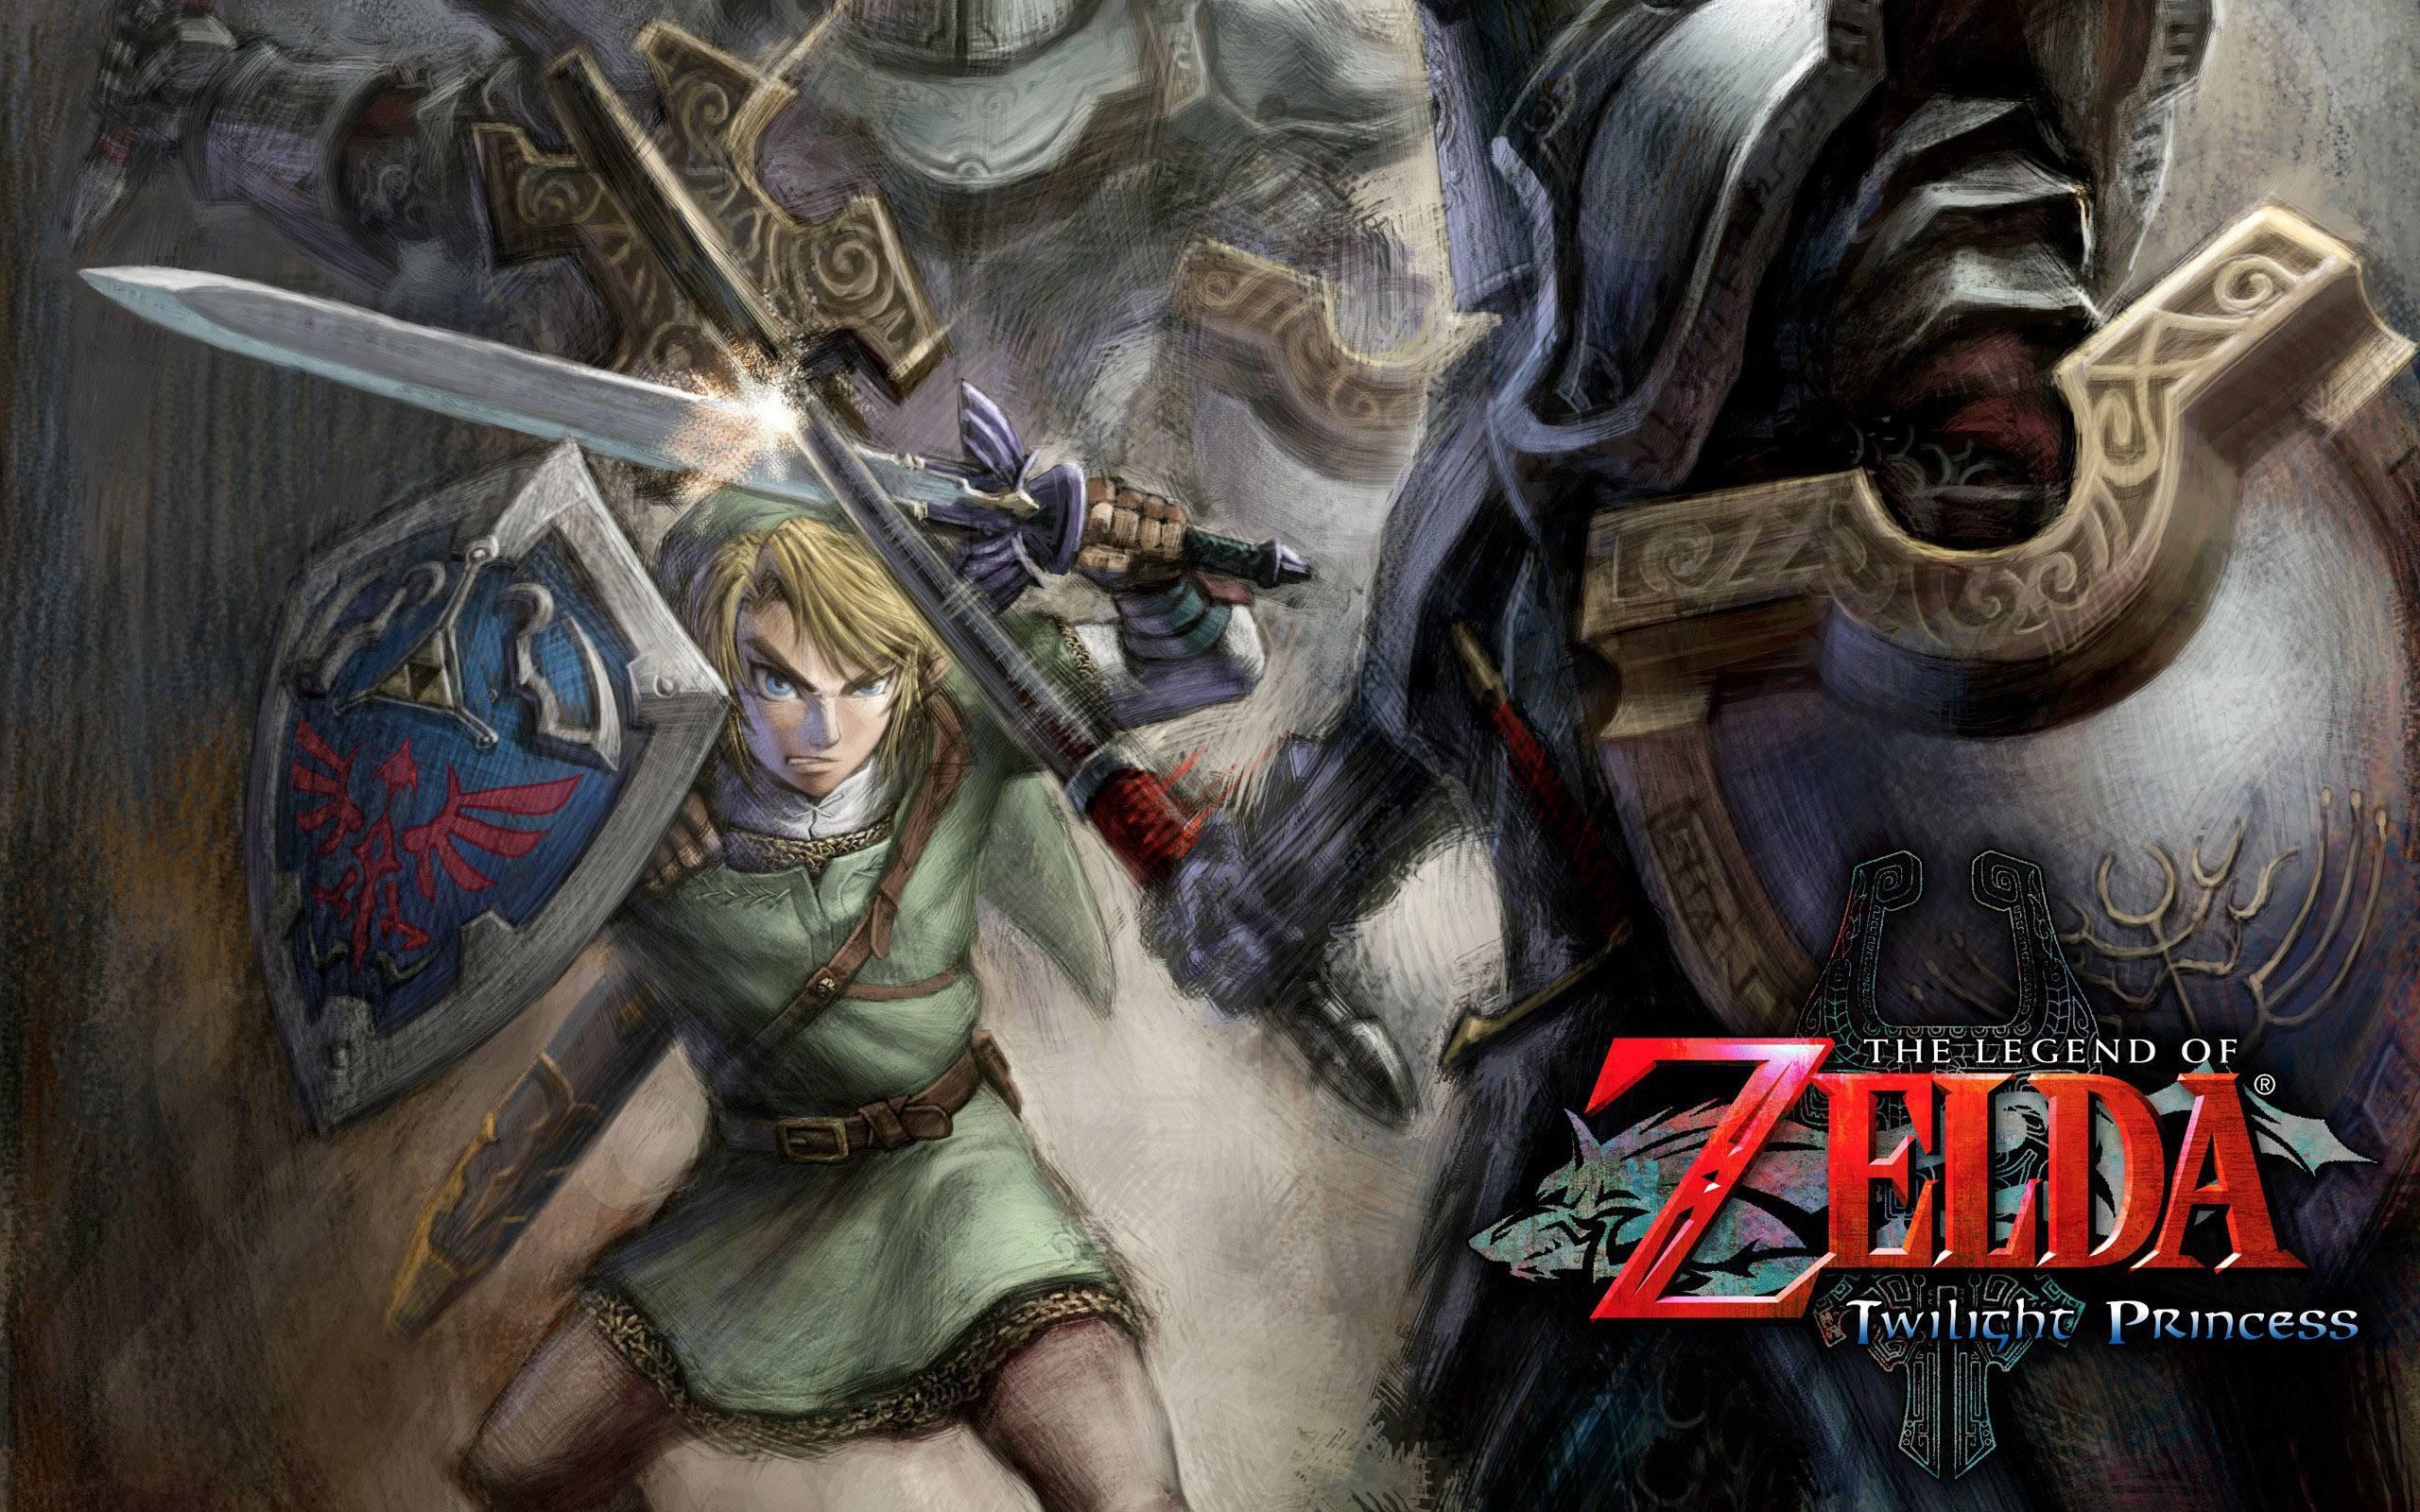 Zelda Wallpapers – Full HD wallpaper search